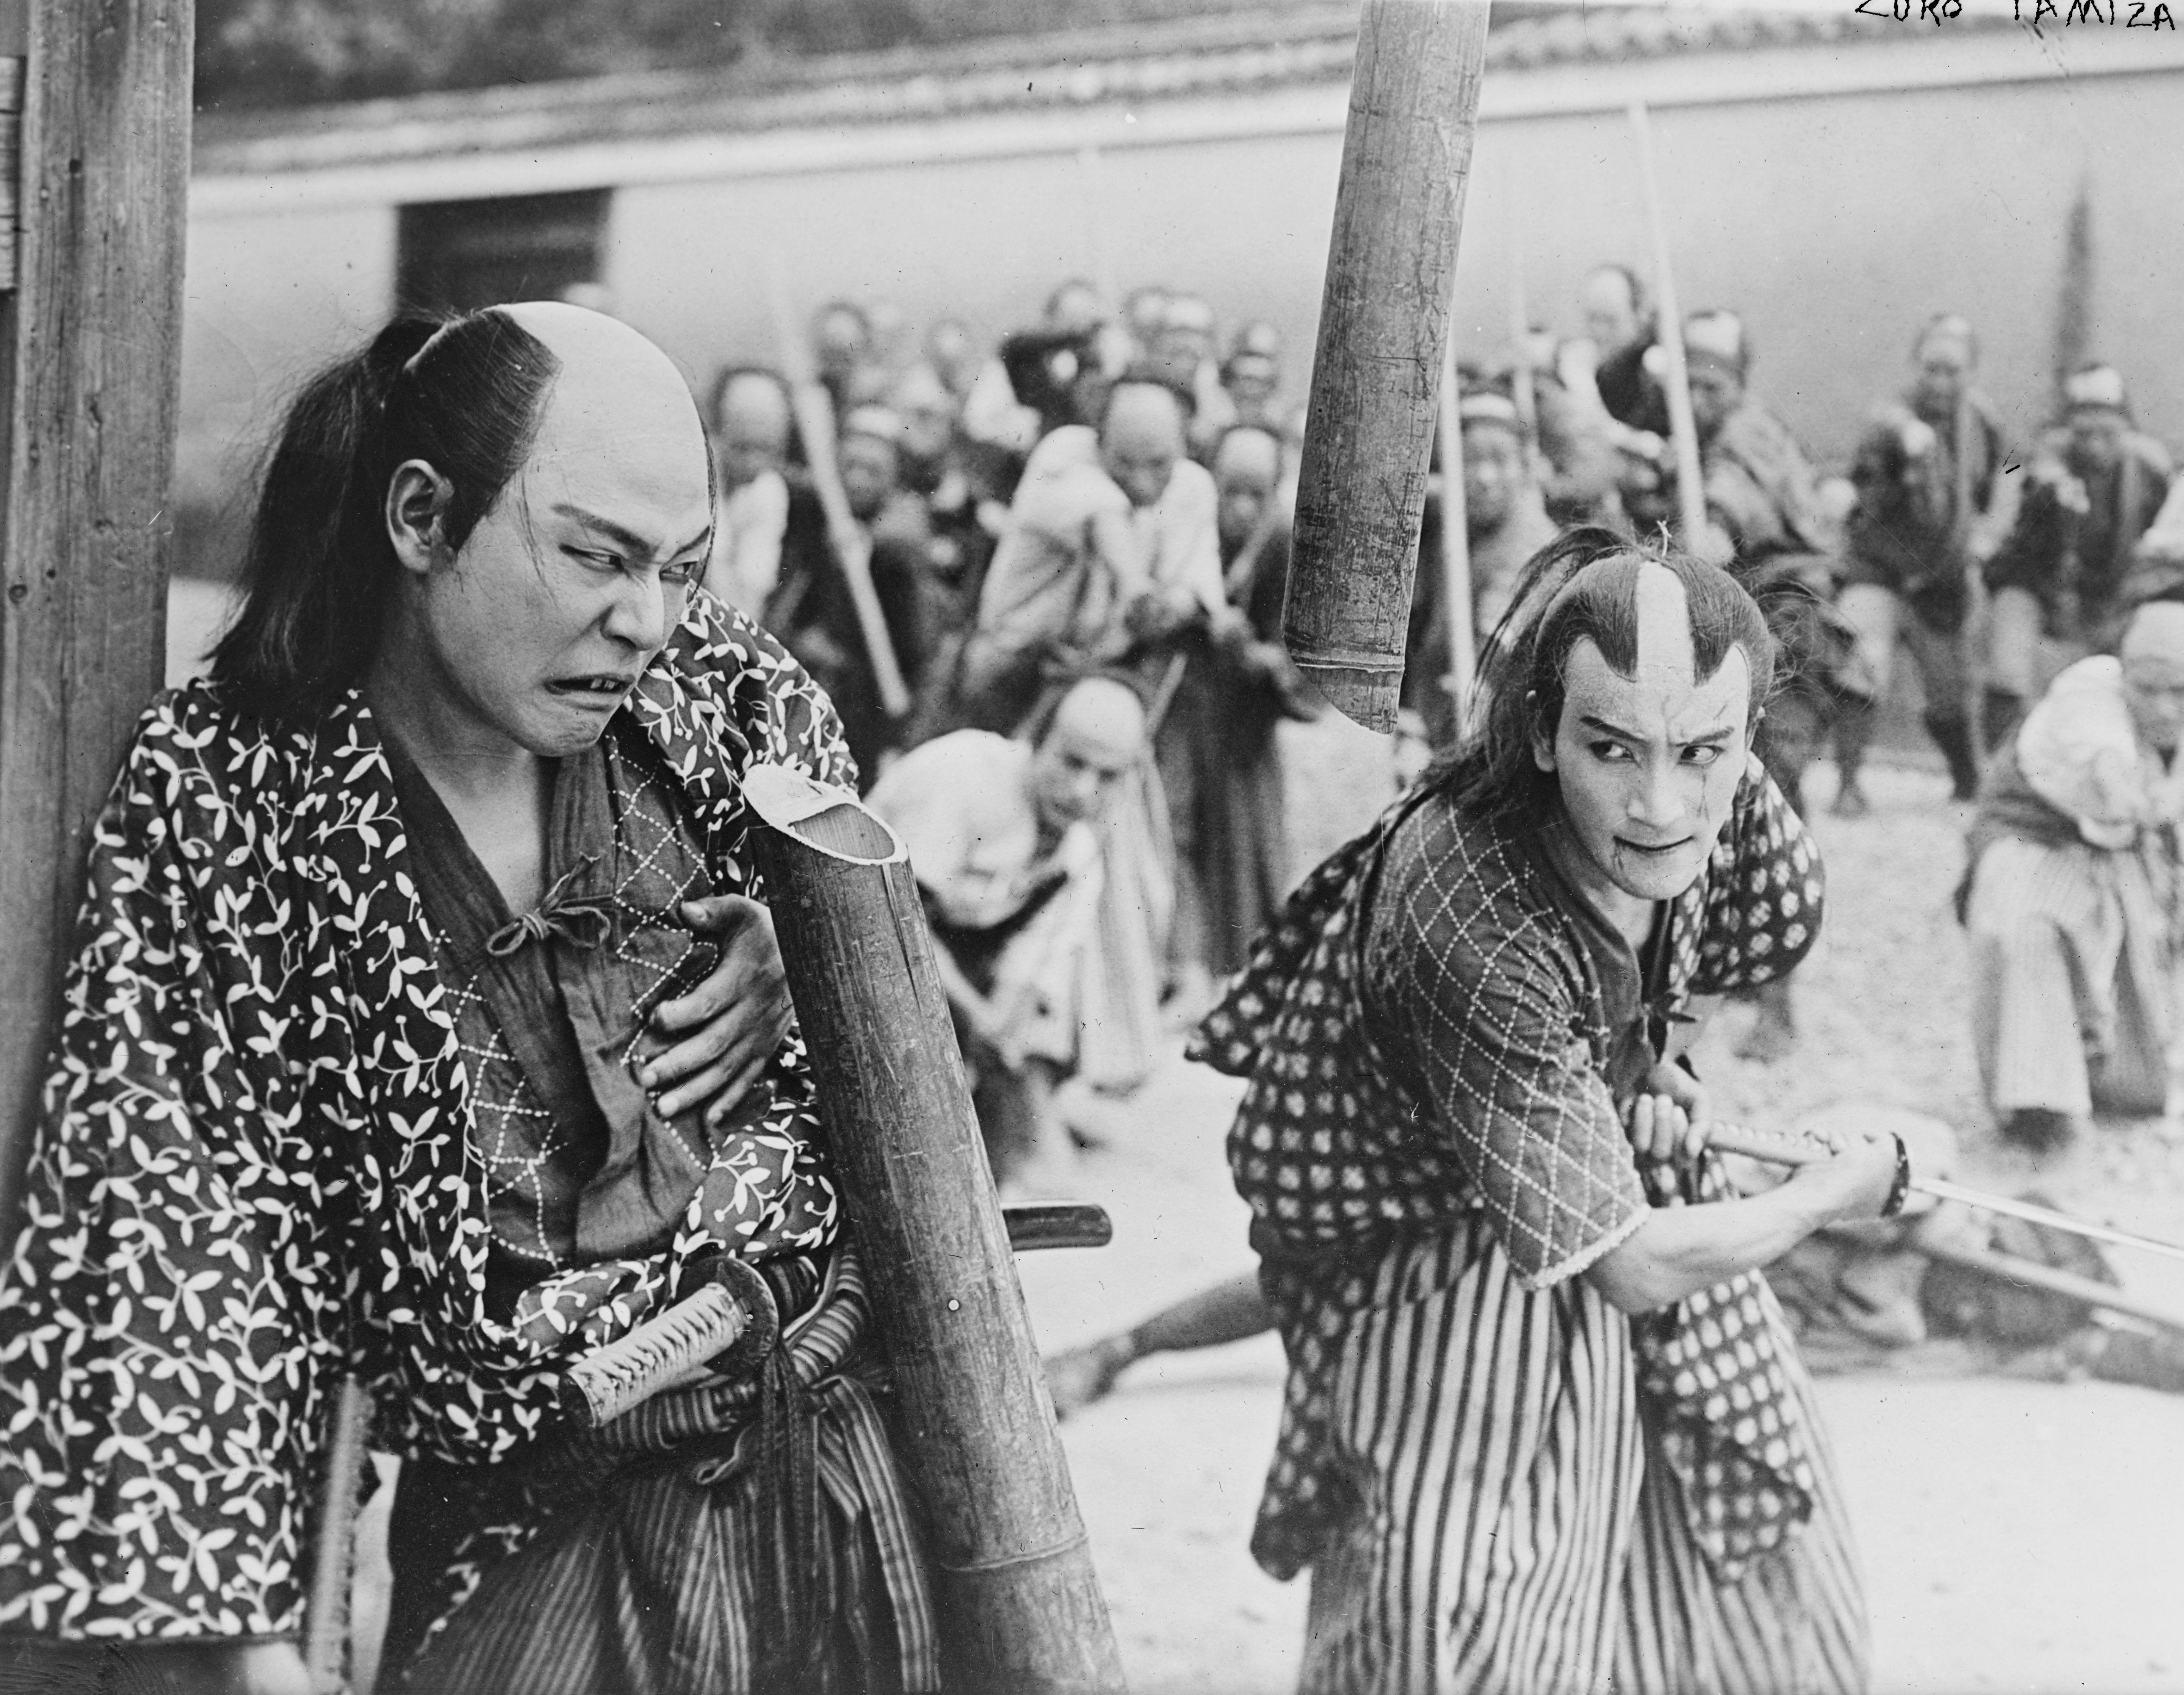 KabukiActorsc1900BuyenlargeGetty.jpg